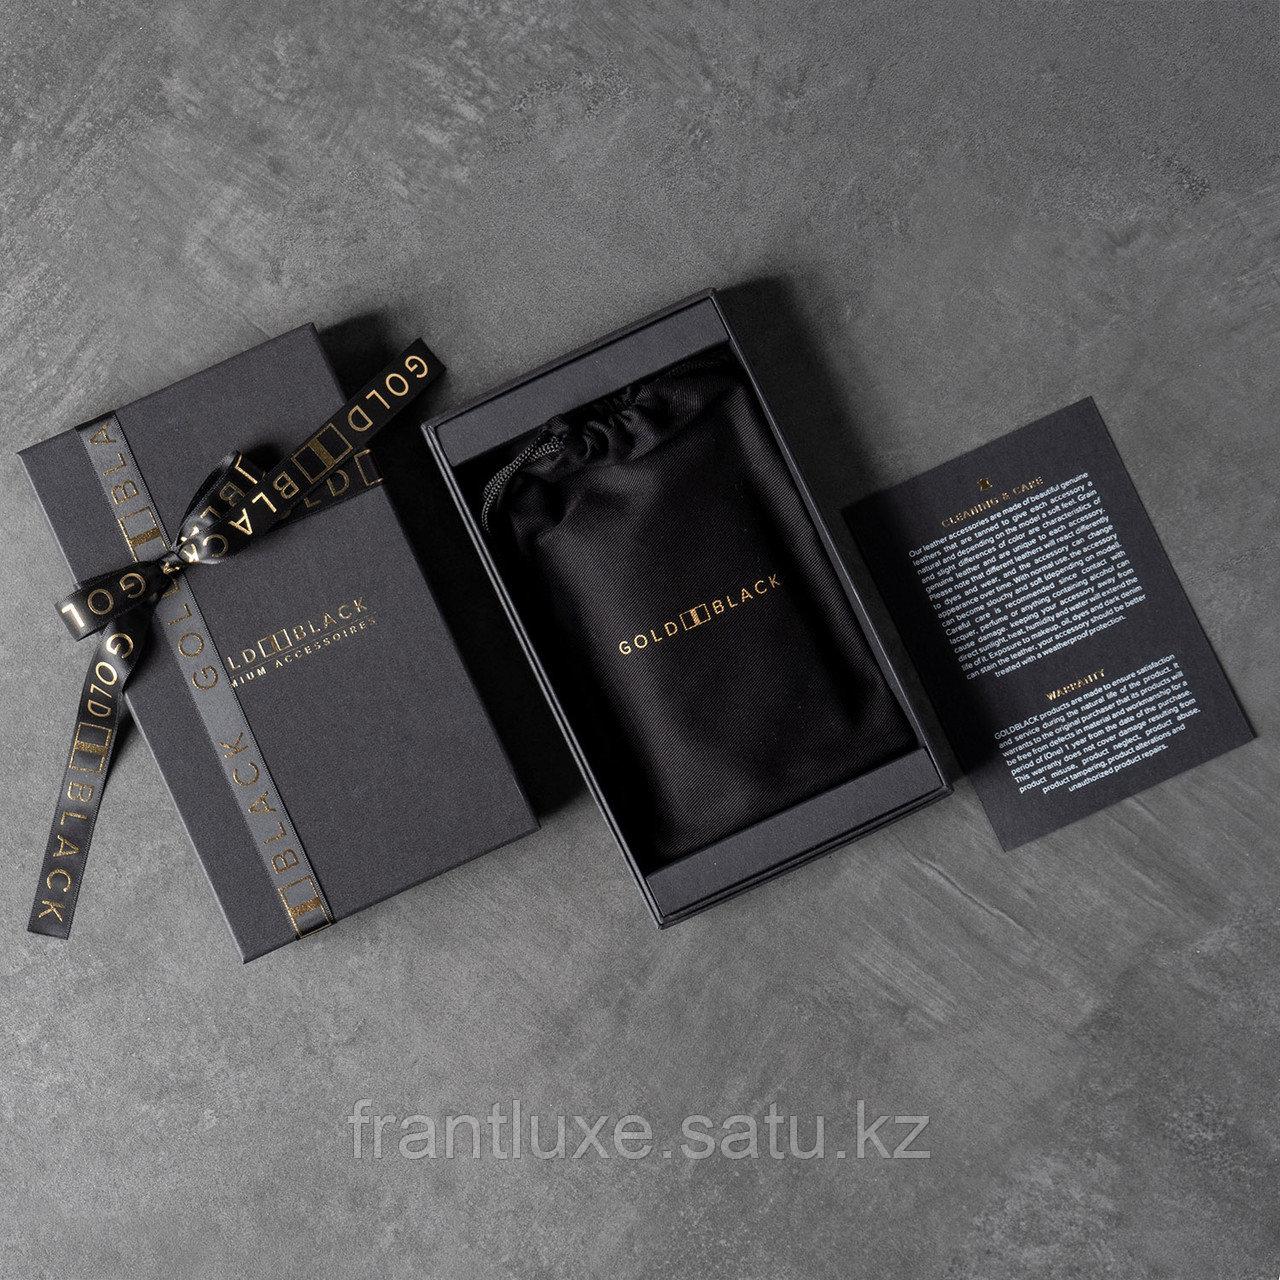 Чехол для телефона iPhone 12 Pro Max с ремешком-держателем Nappa Black - фото 3